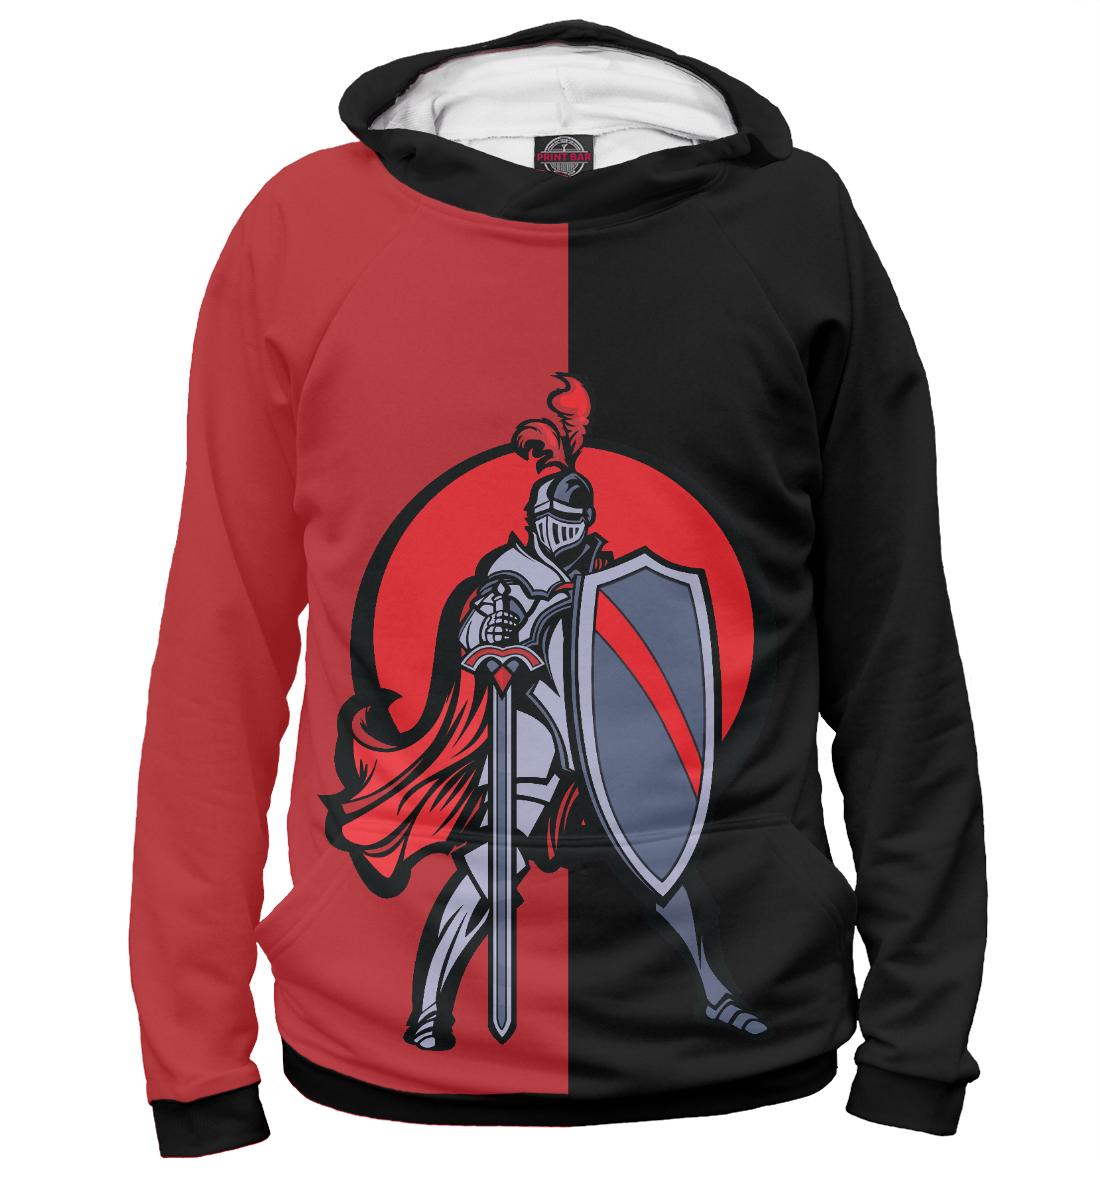 Купить Рыцарь, Printbar, Худи, APD-847240-hud-1